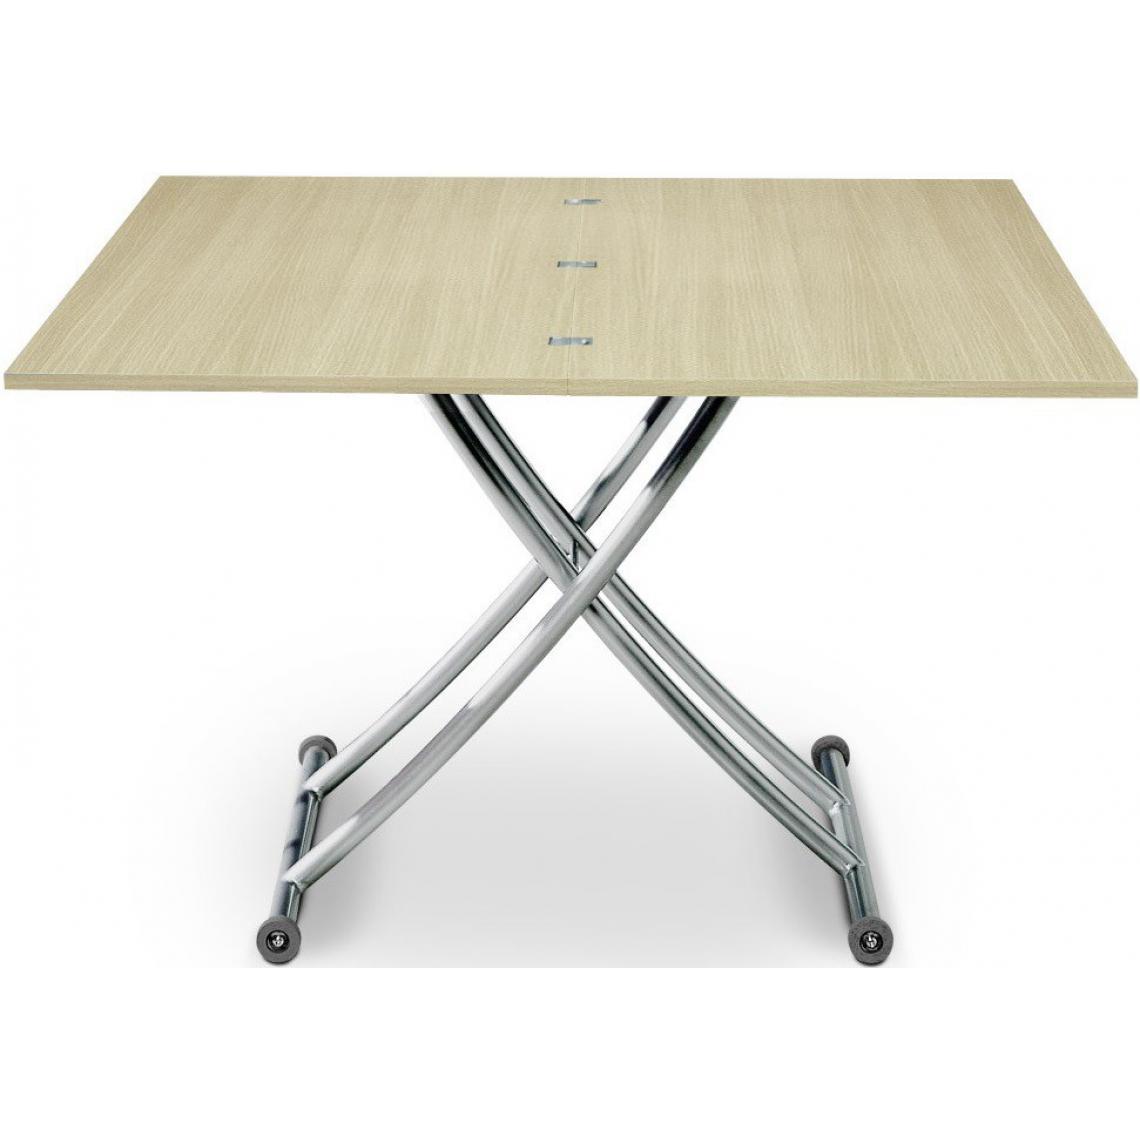 Table En Bois Chene Clair table basse relevable extensible bois chêne clair ella 100x60x76 plus de  détails